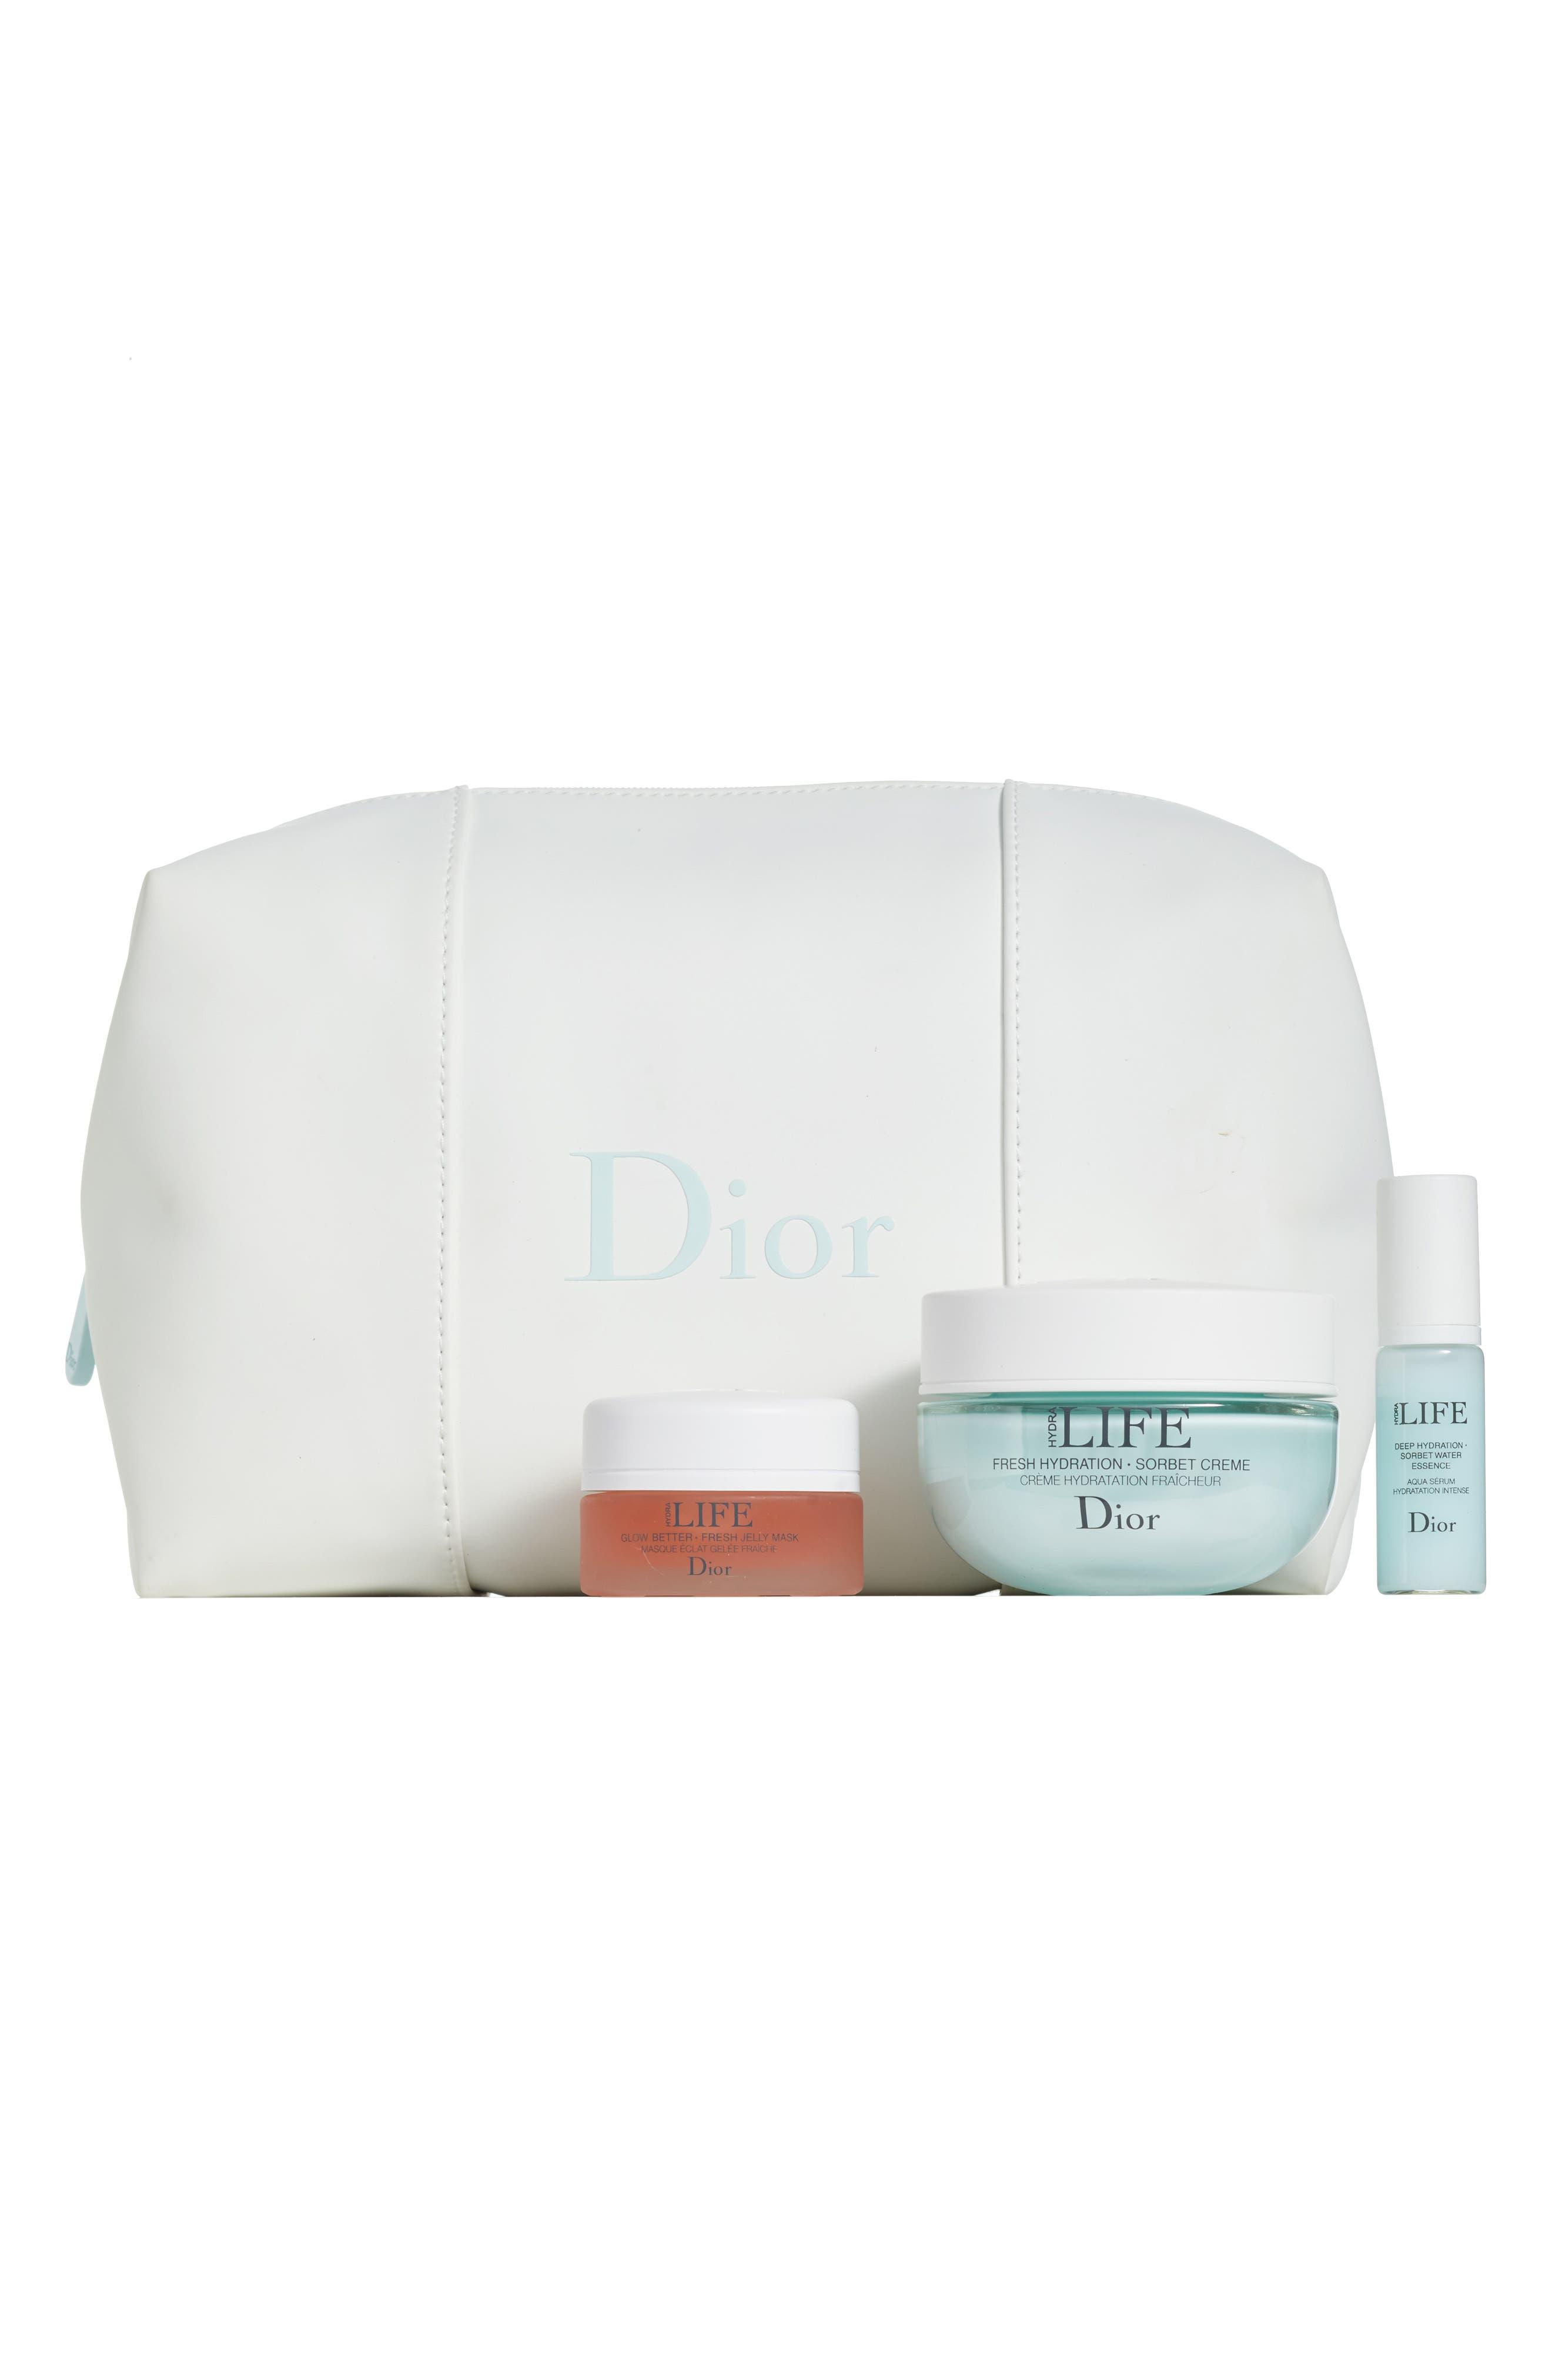 Dior Hydra Life Set ($102 Value)